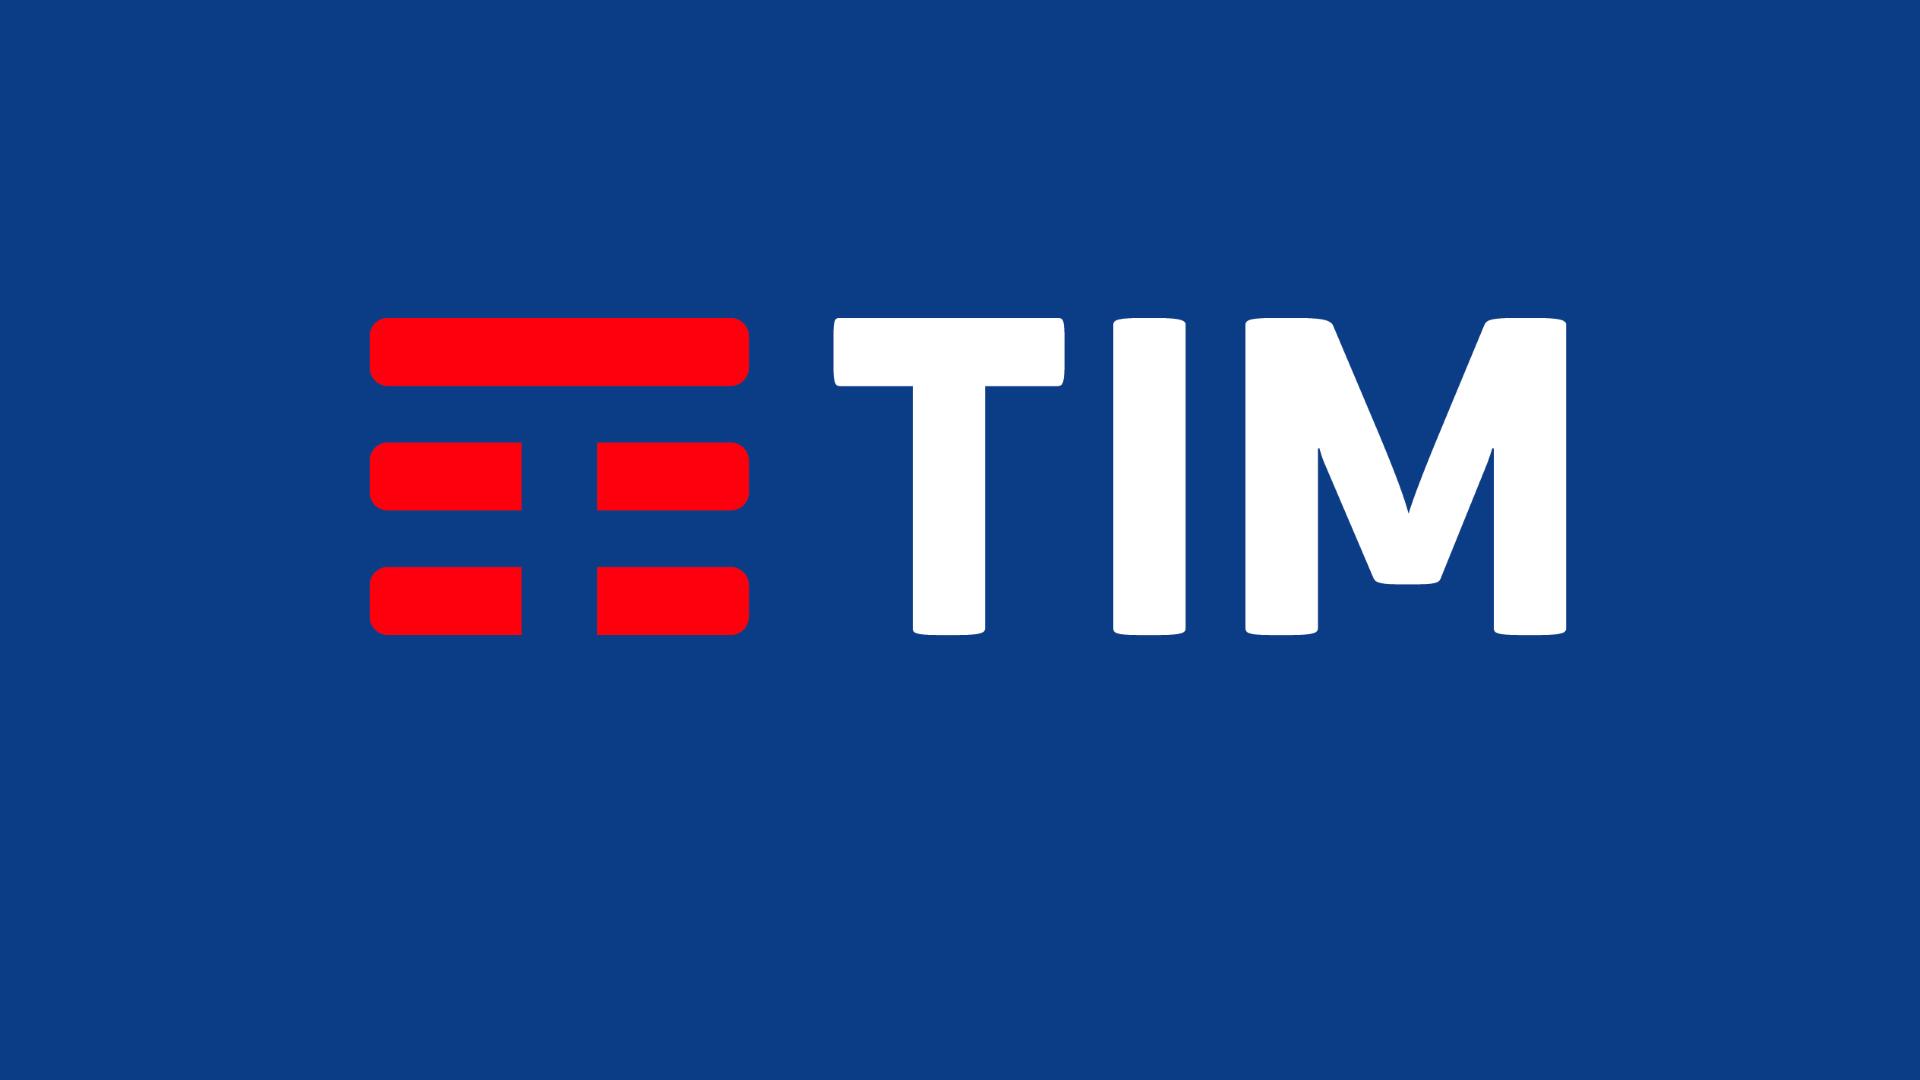 Antitrust: Tim multata di 116 milioni per aver ostacolato sviluppo della fibra